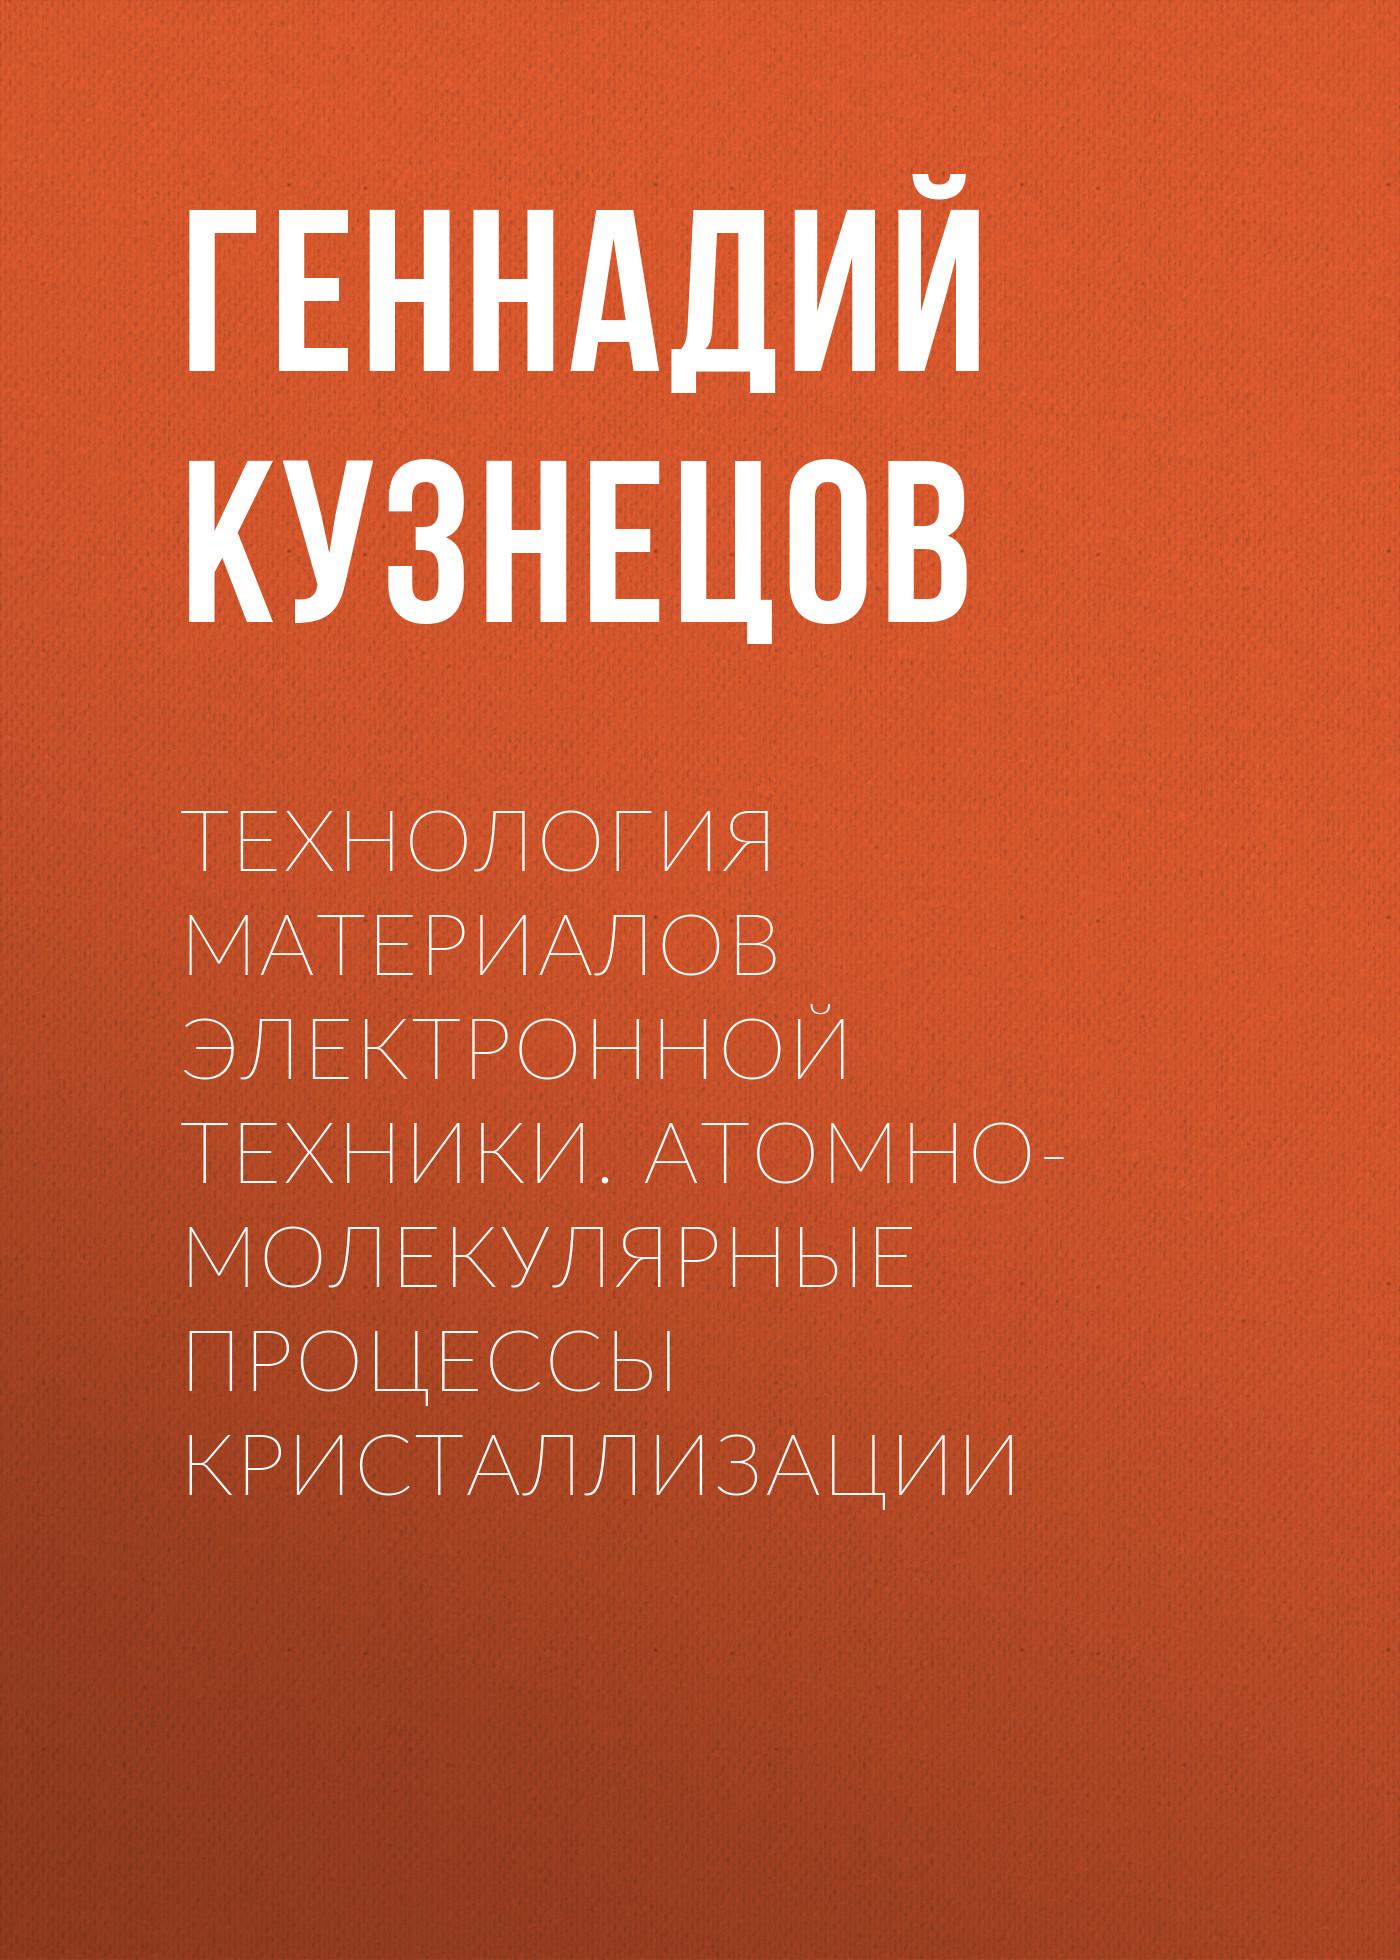 Геннадий Кузнецов Технология материалов электронной техники. Атомно-молекулярные процессы кристаллизации кузнецов и дикуль и касьян уник методика леч позвоночника